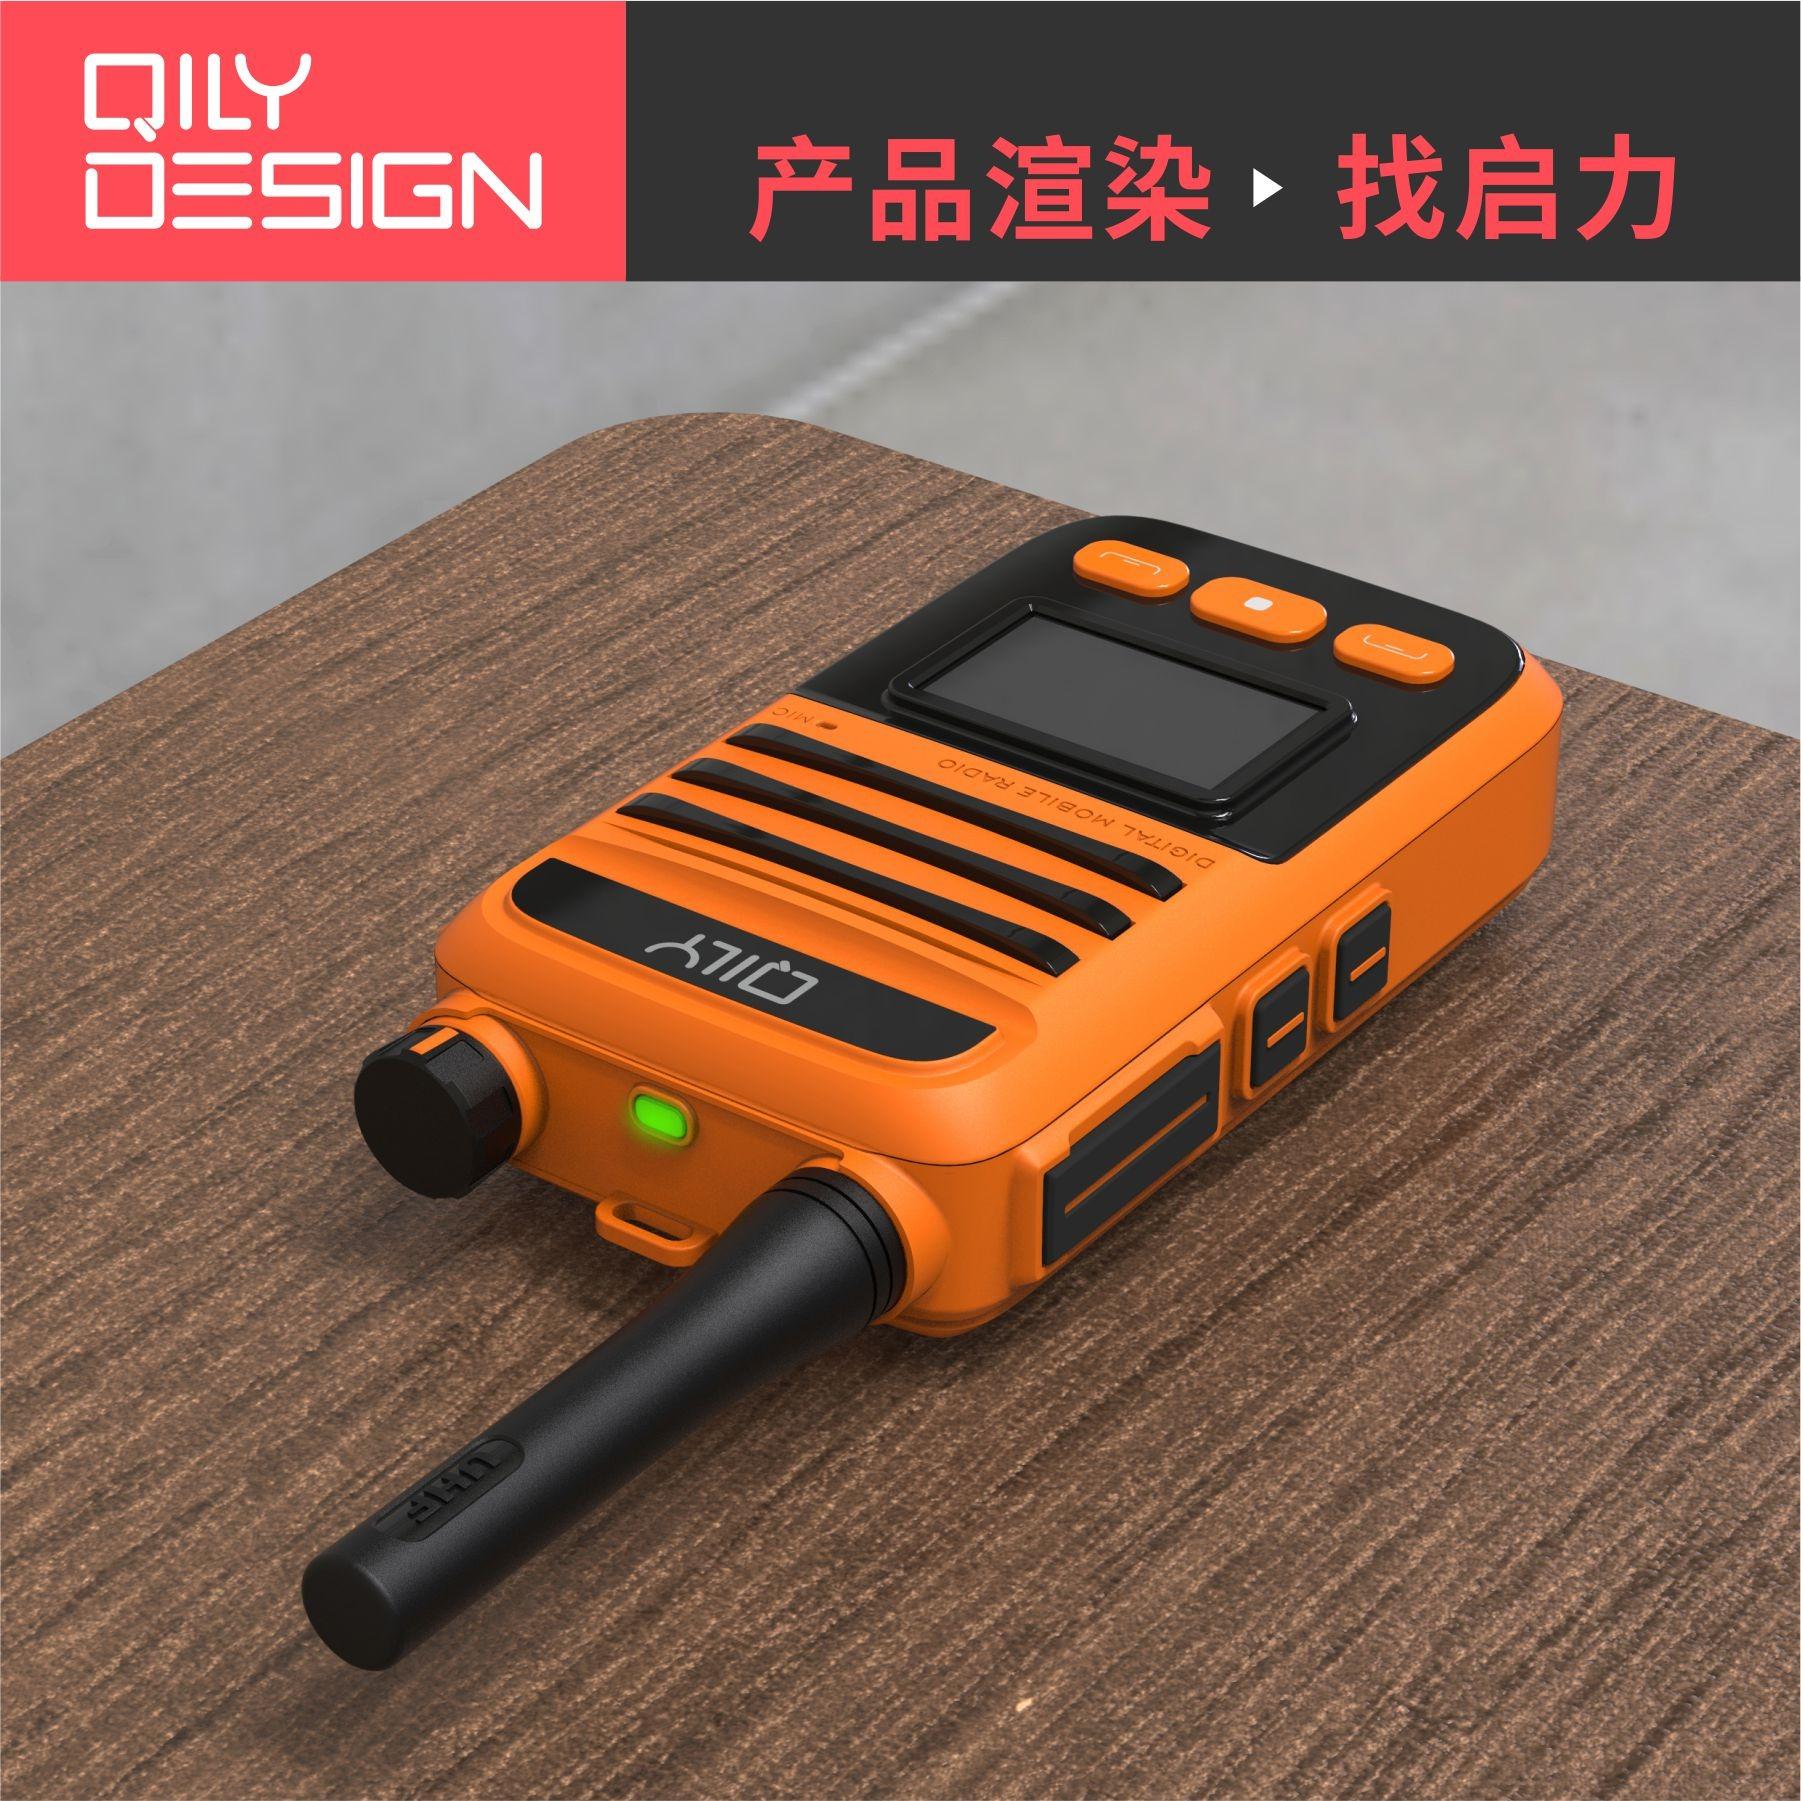 电子产品3C数码产品配件产品家电产品家居用品效果图渲染